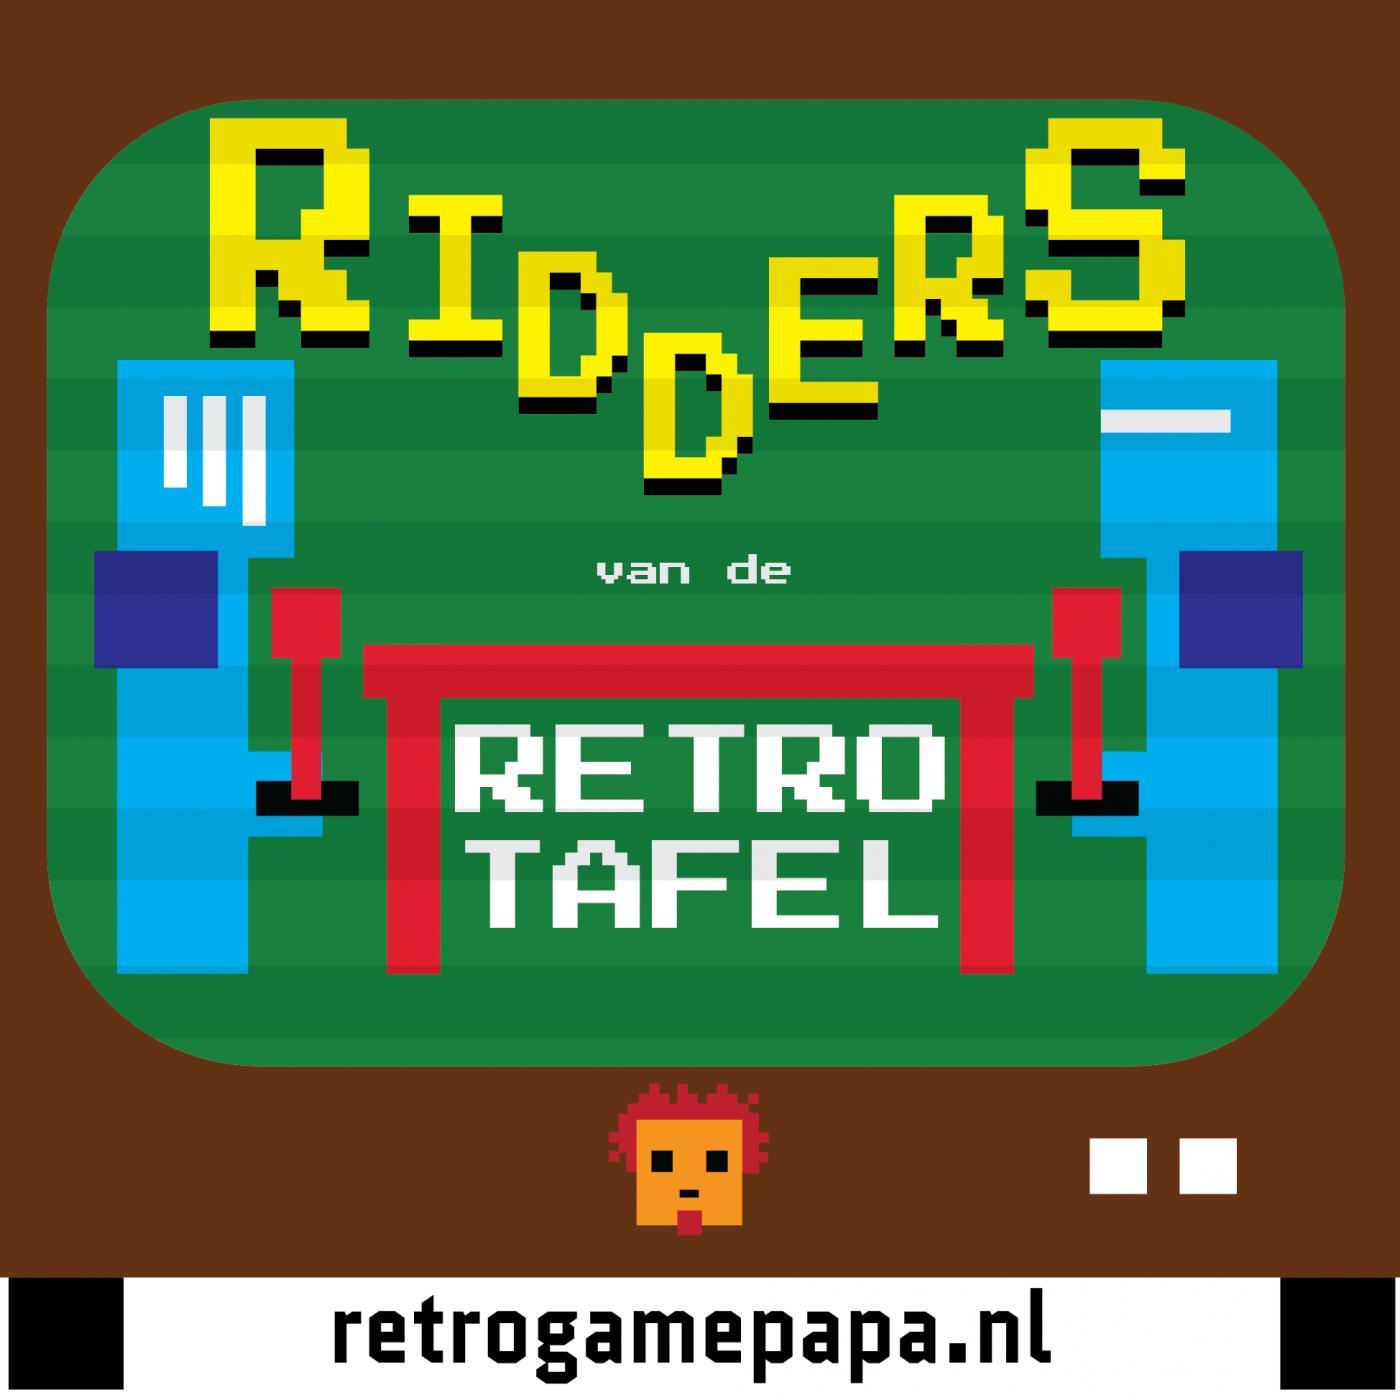 Cover Image De Ridders van de Retro Tafel